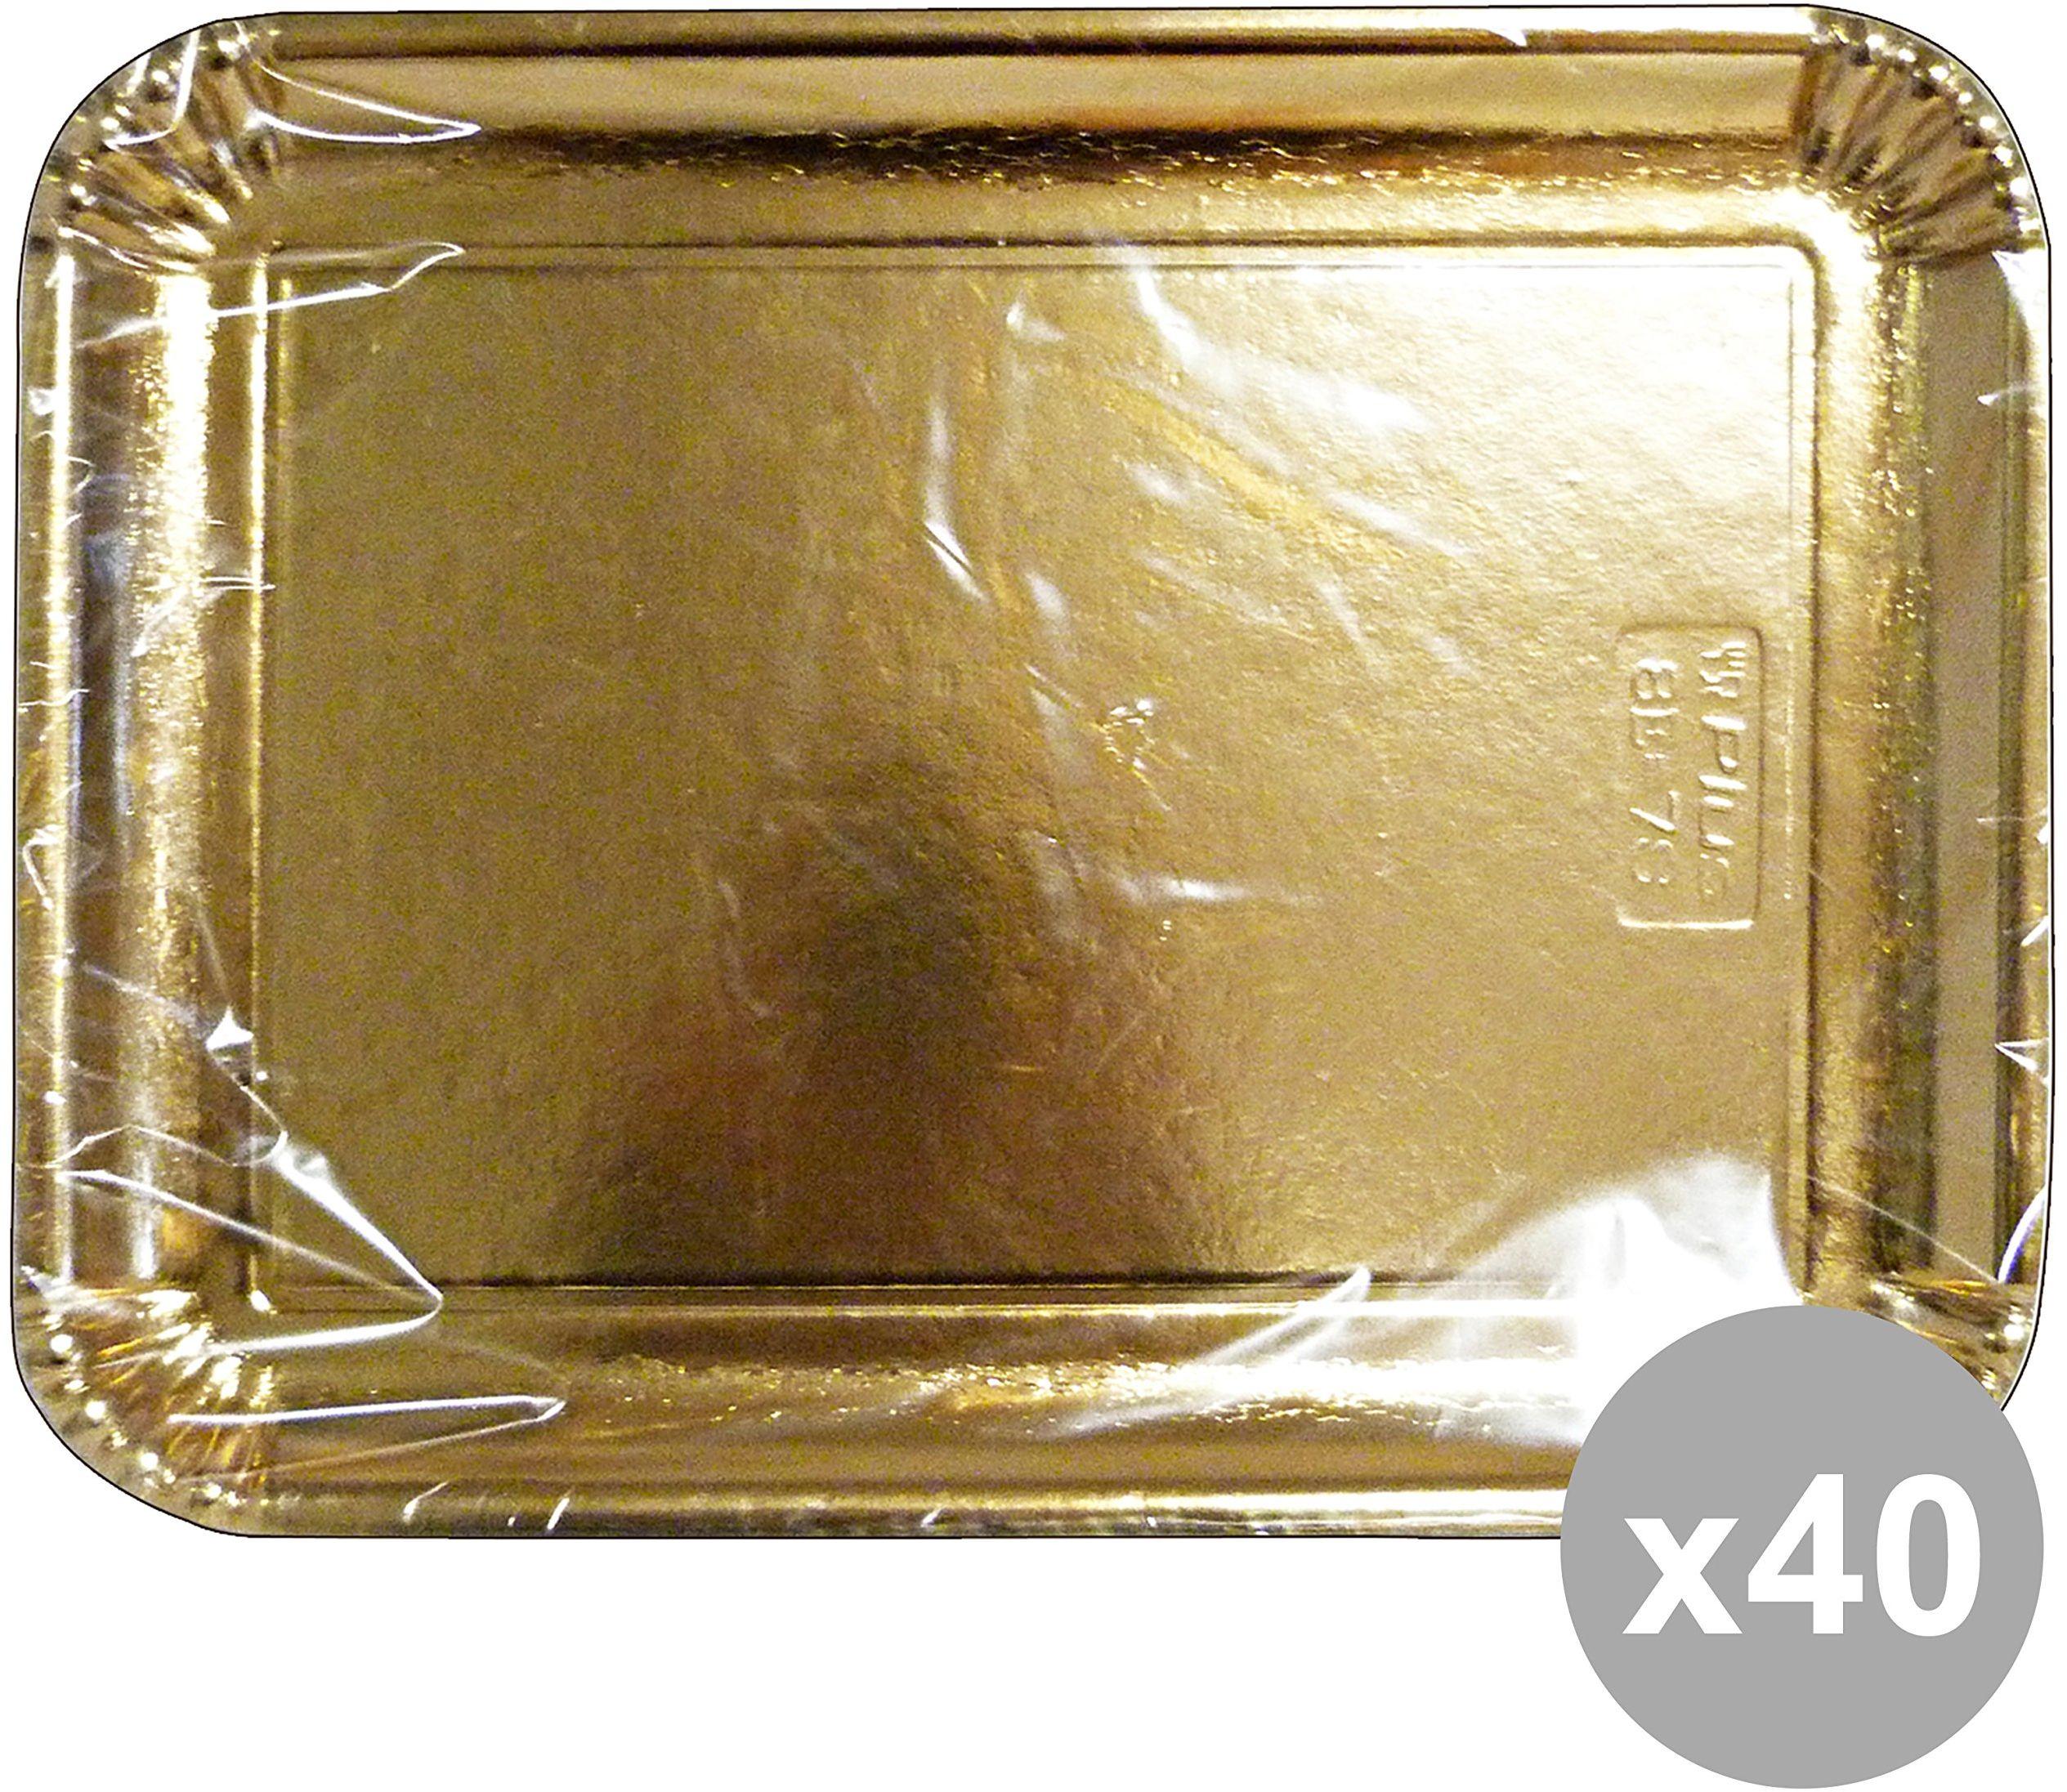 Zestaw 40 taca papier prostokątna złota 31 x 42 cm. * 2 sztuki 63076. Pojemnik do kuchni